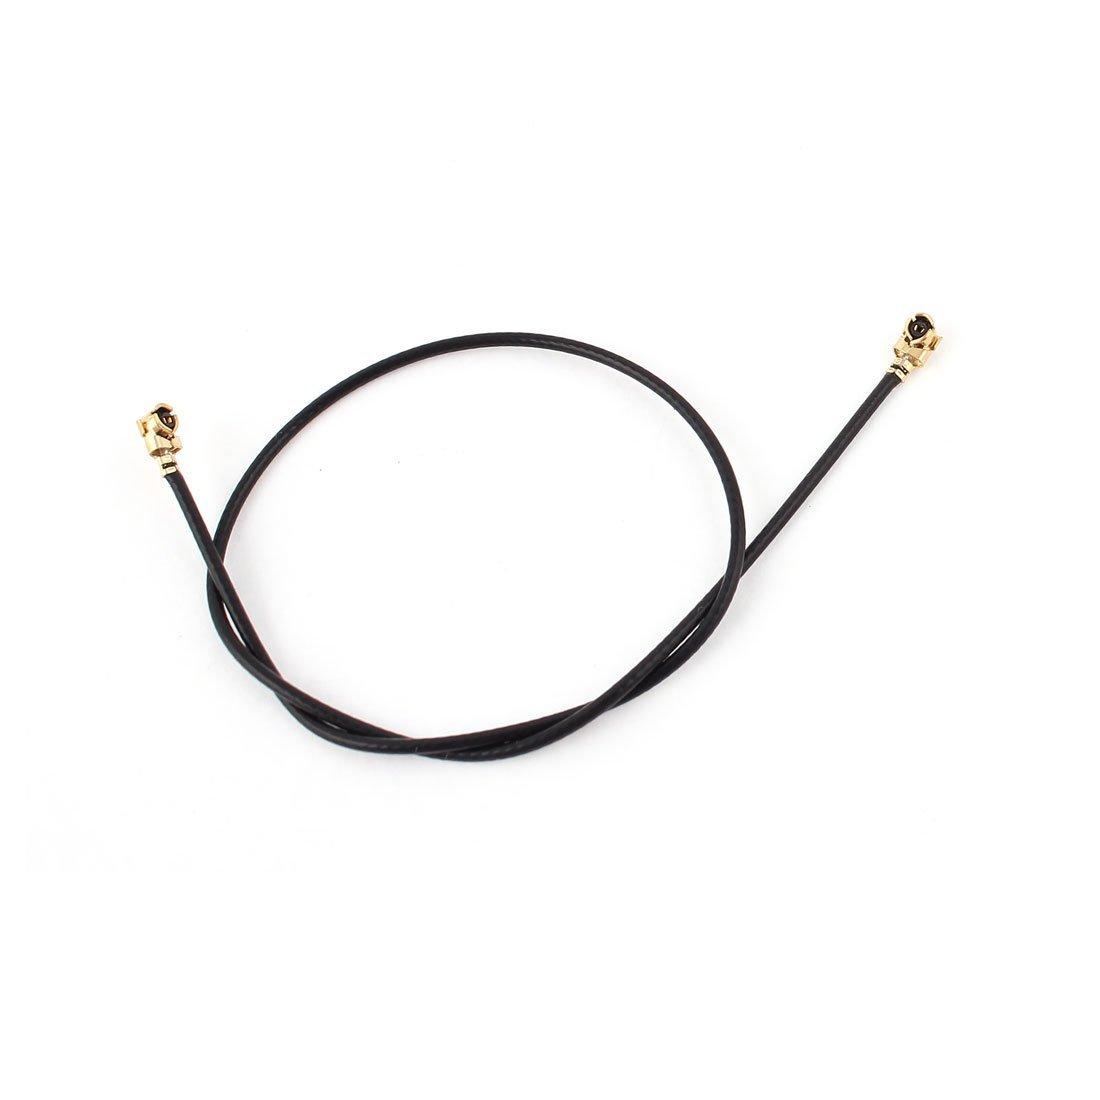 Amazon.com: DealMux 5Pcs 20 centímetros RF1.13 IPEX1 para IPEX1 Cabo para PCI-E WiFi placa sem fio: Electronics